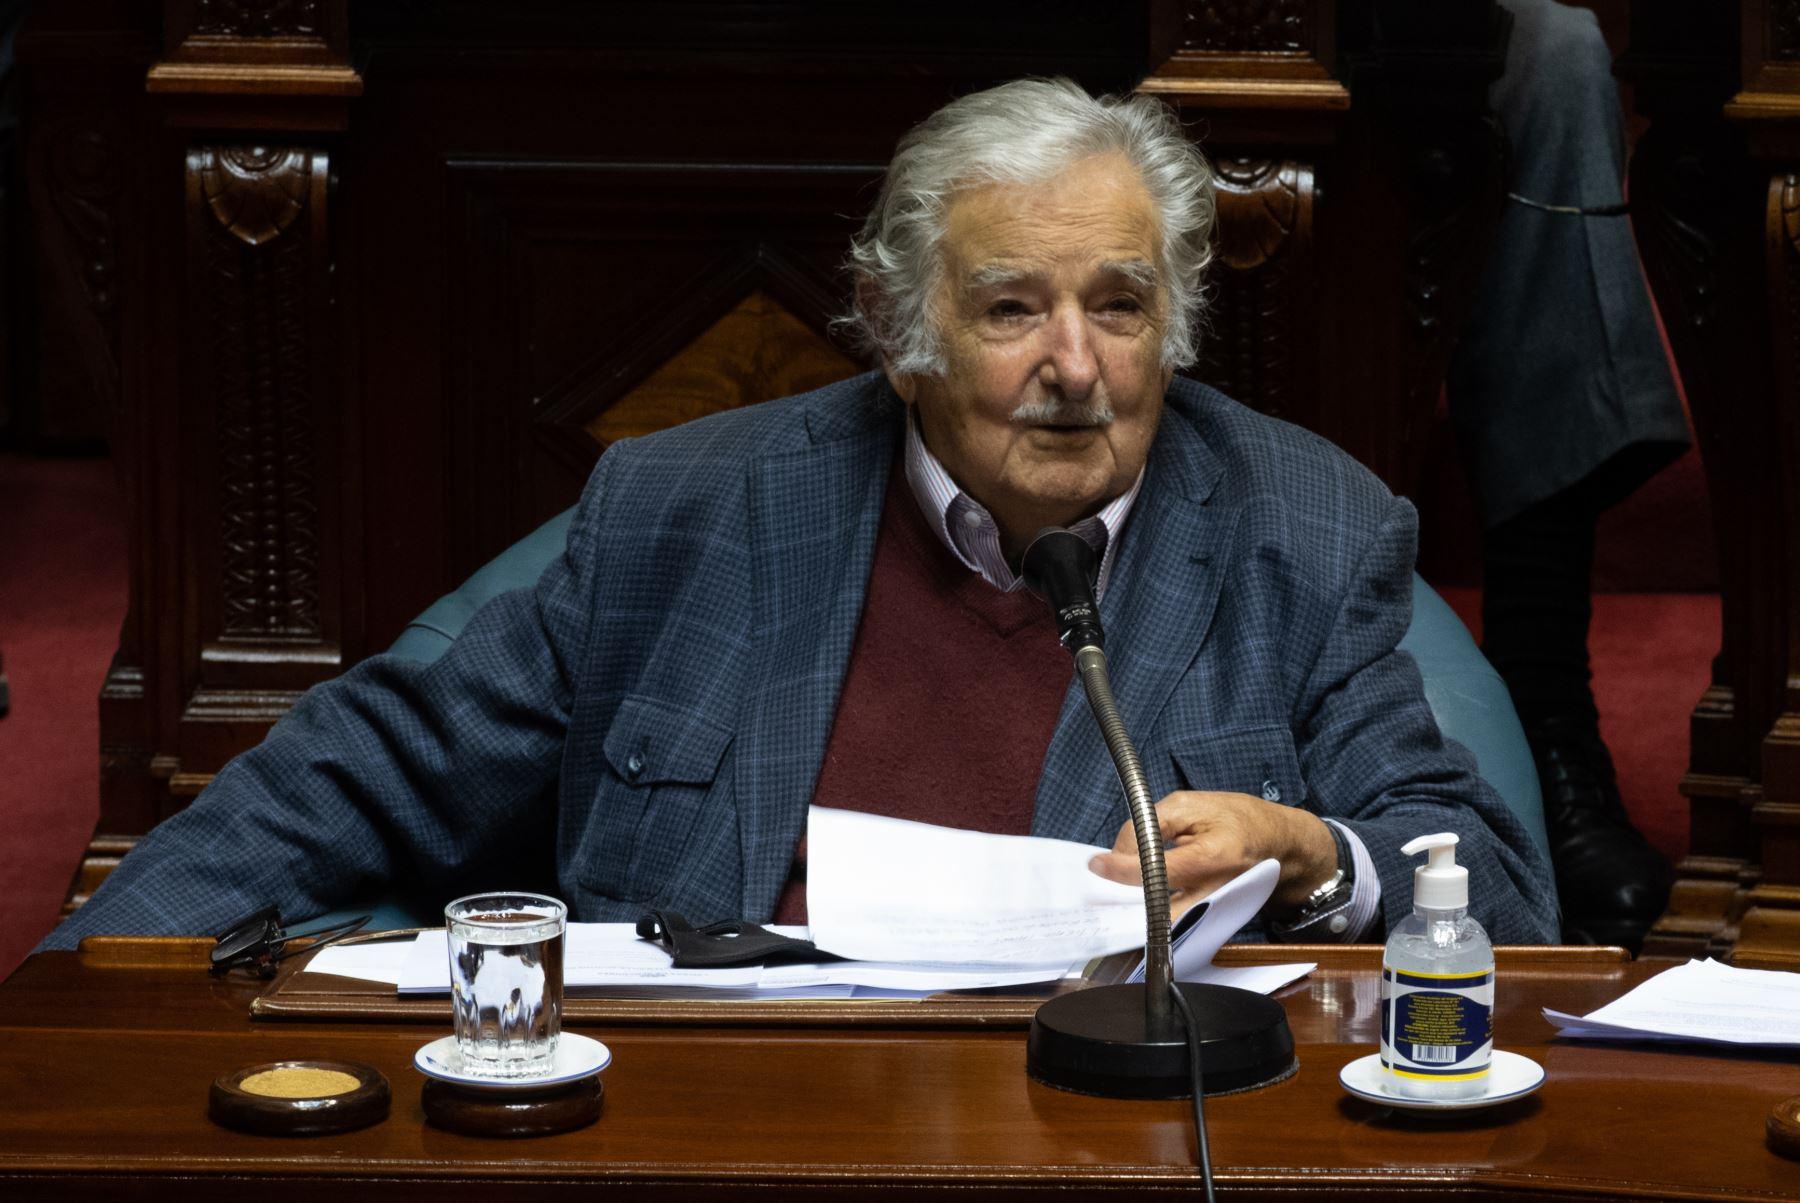 La democracia uruguaya despide a Mujica con lágrimas y aplausos